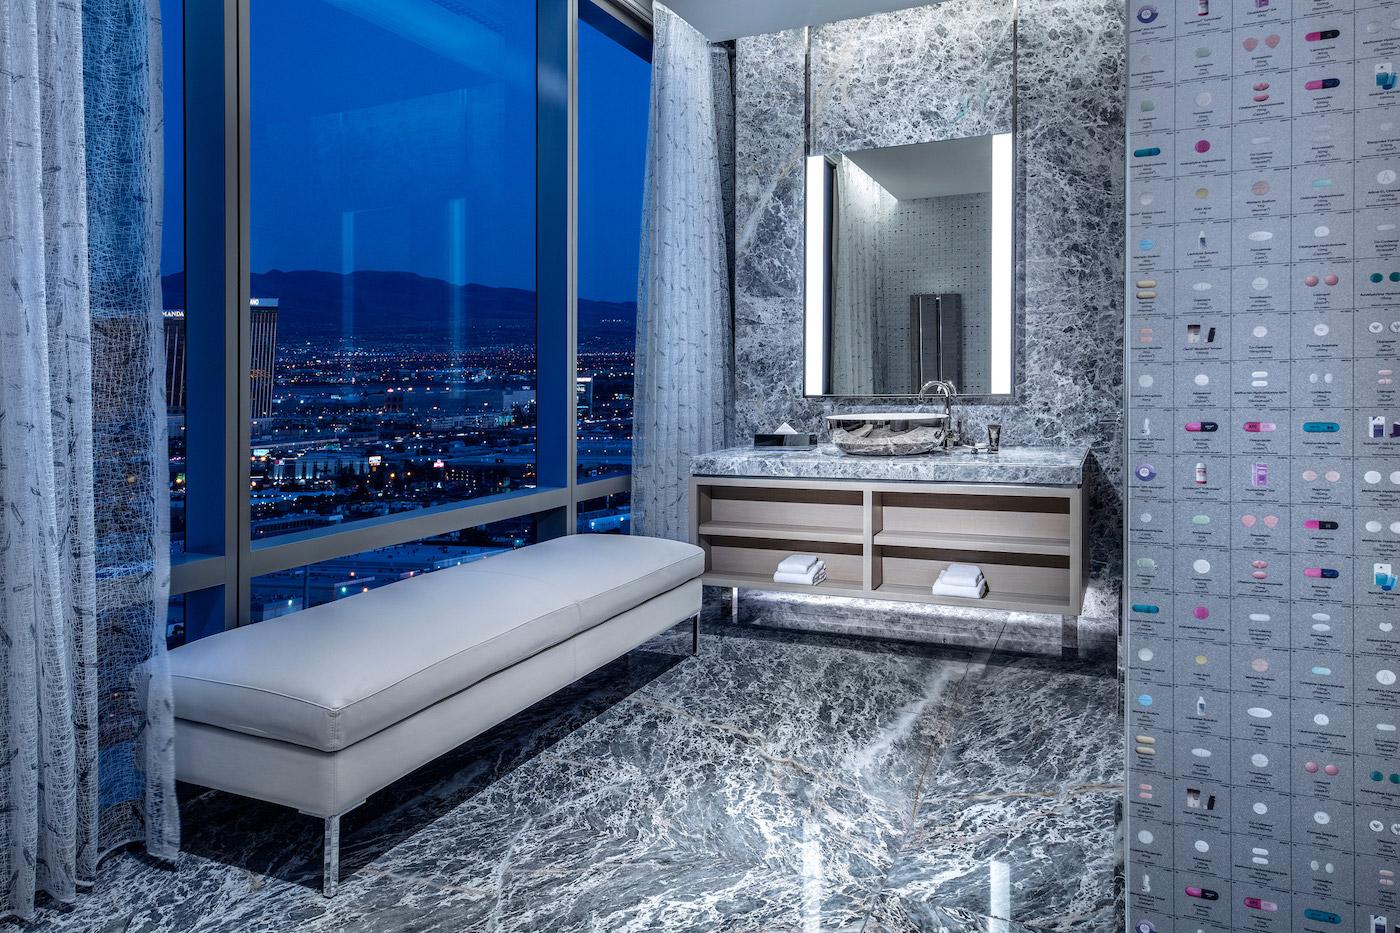 80.000 Dollar pro Nacht: Ein Blick in das teuerste Hotelzimmer der Welt 8